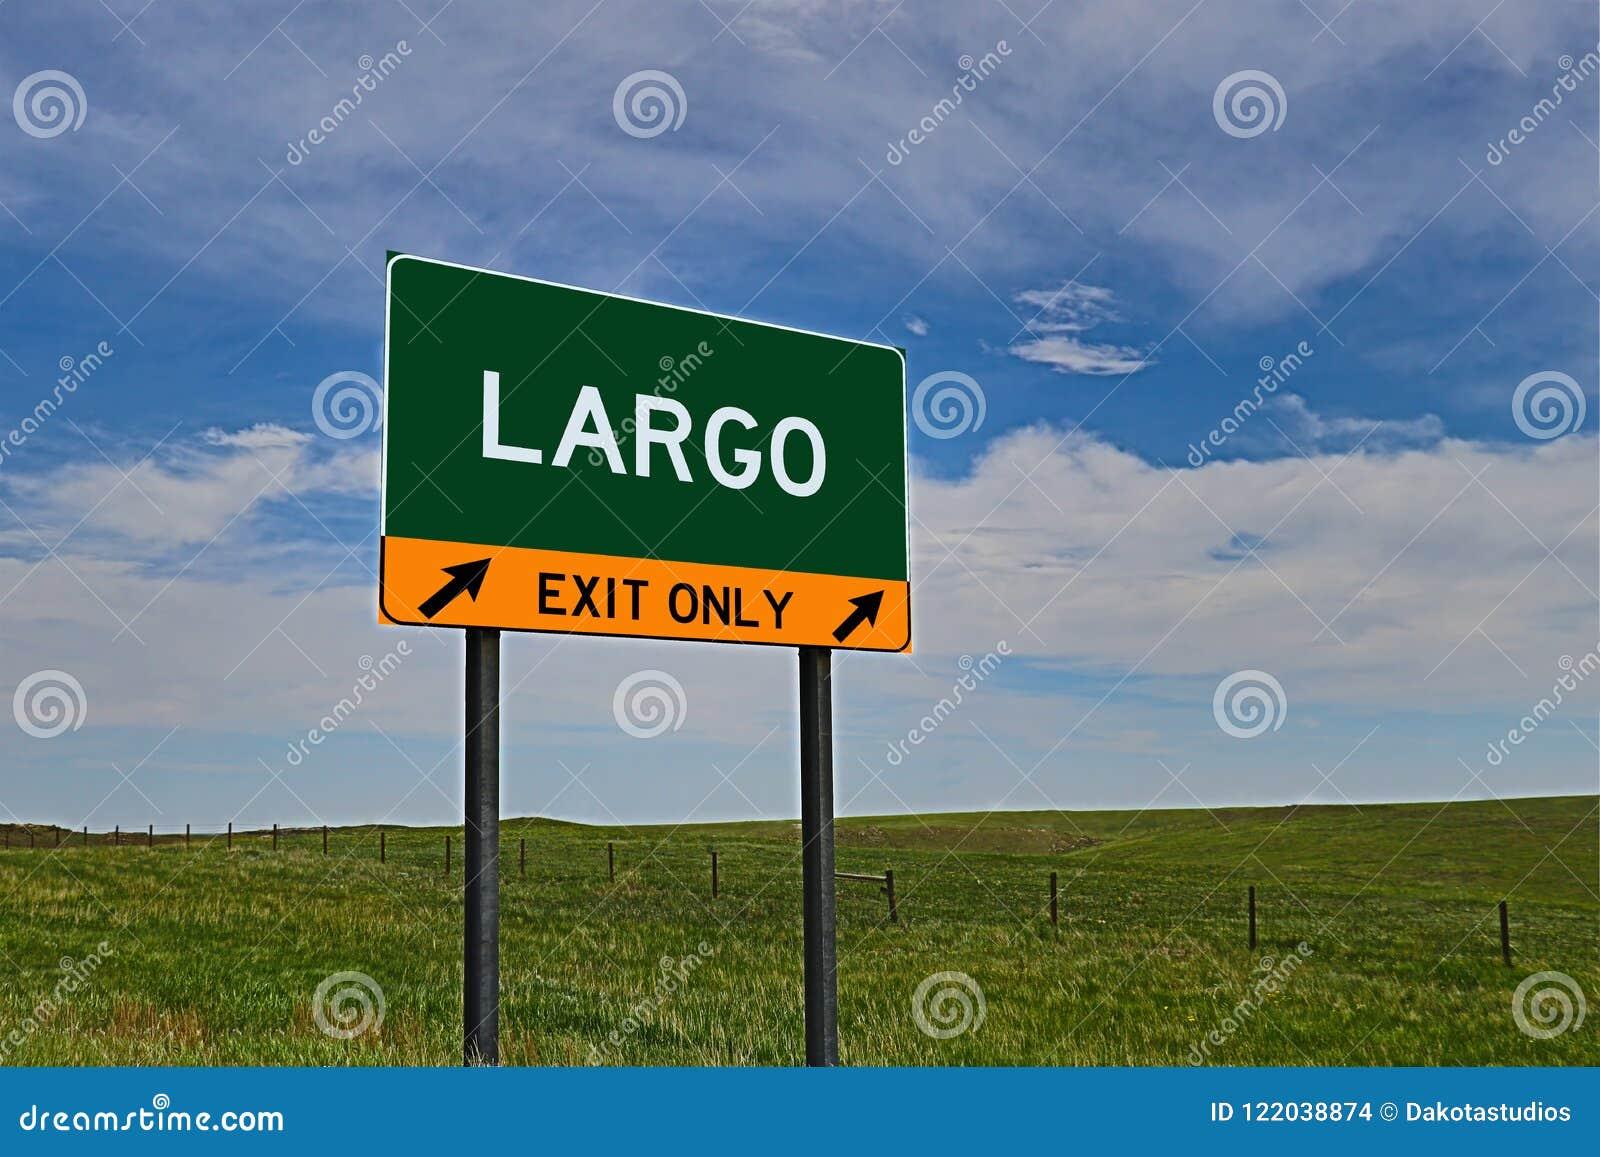 US-Landstraßen-Ausgangs-Zeichen für largo